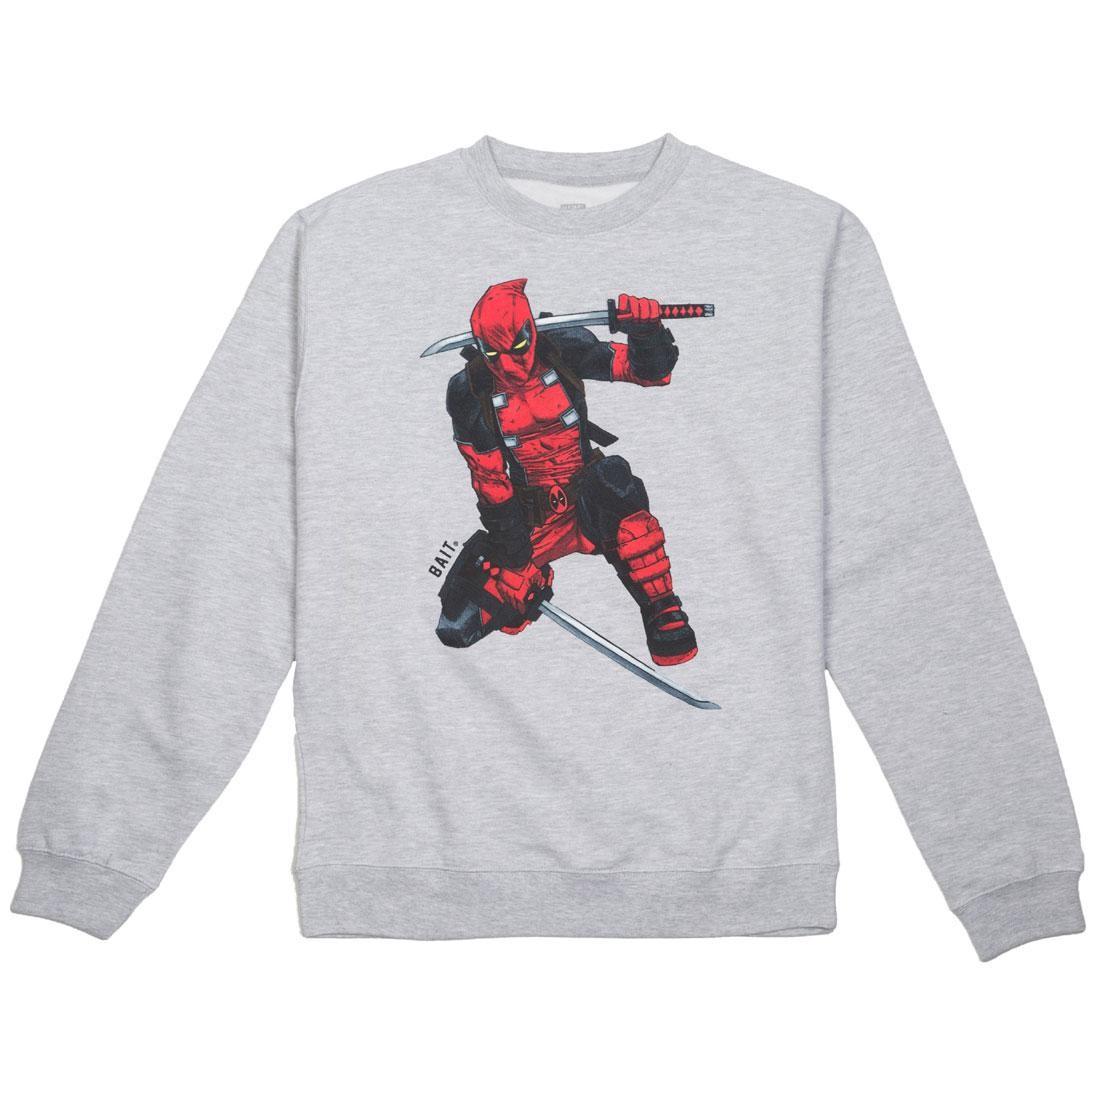 【海外限定】Tシャツ CREWNECK メンズファッション【 DEADPOOL BAIT X MARVEL MEN DEADPOOL X TWO SWORDS CREWNECK SWEATER GRAY HEATHER】, 小樽市:1598ebf9 --- officewill.xsrv.jp